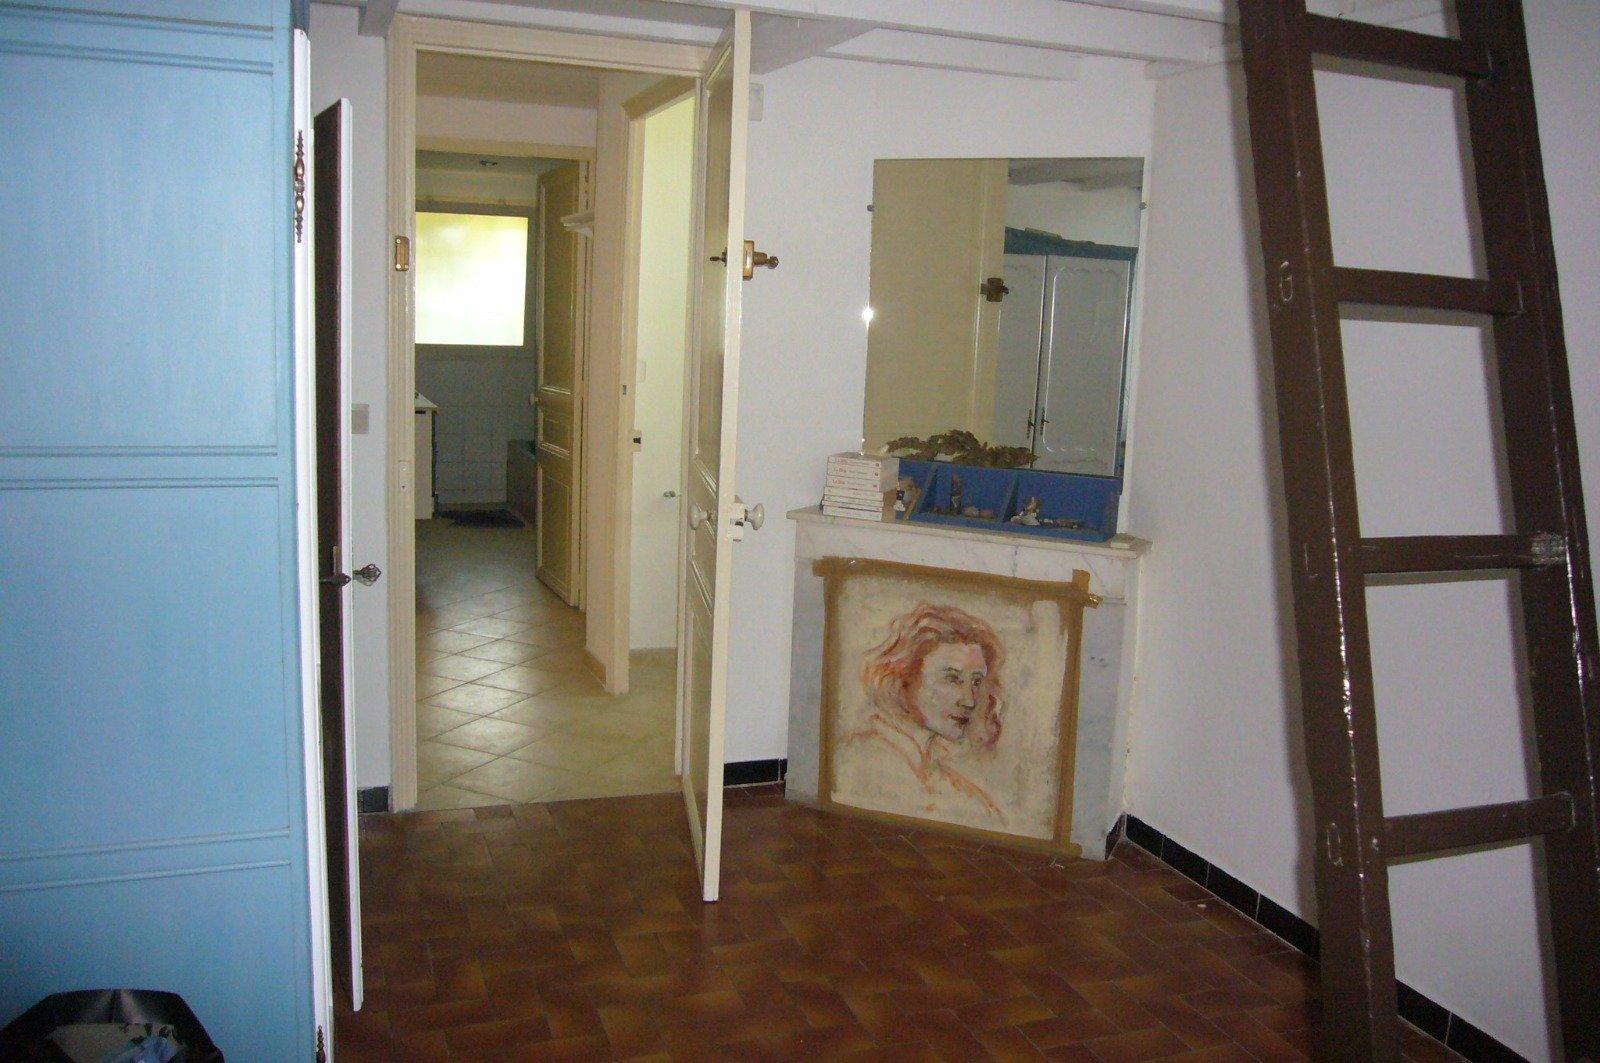 saint raphael antheor haus 1900, 3 schlafzimmer grundstück 1000 m2, Badezimmer ideen